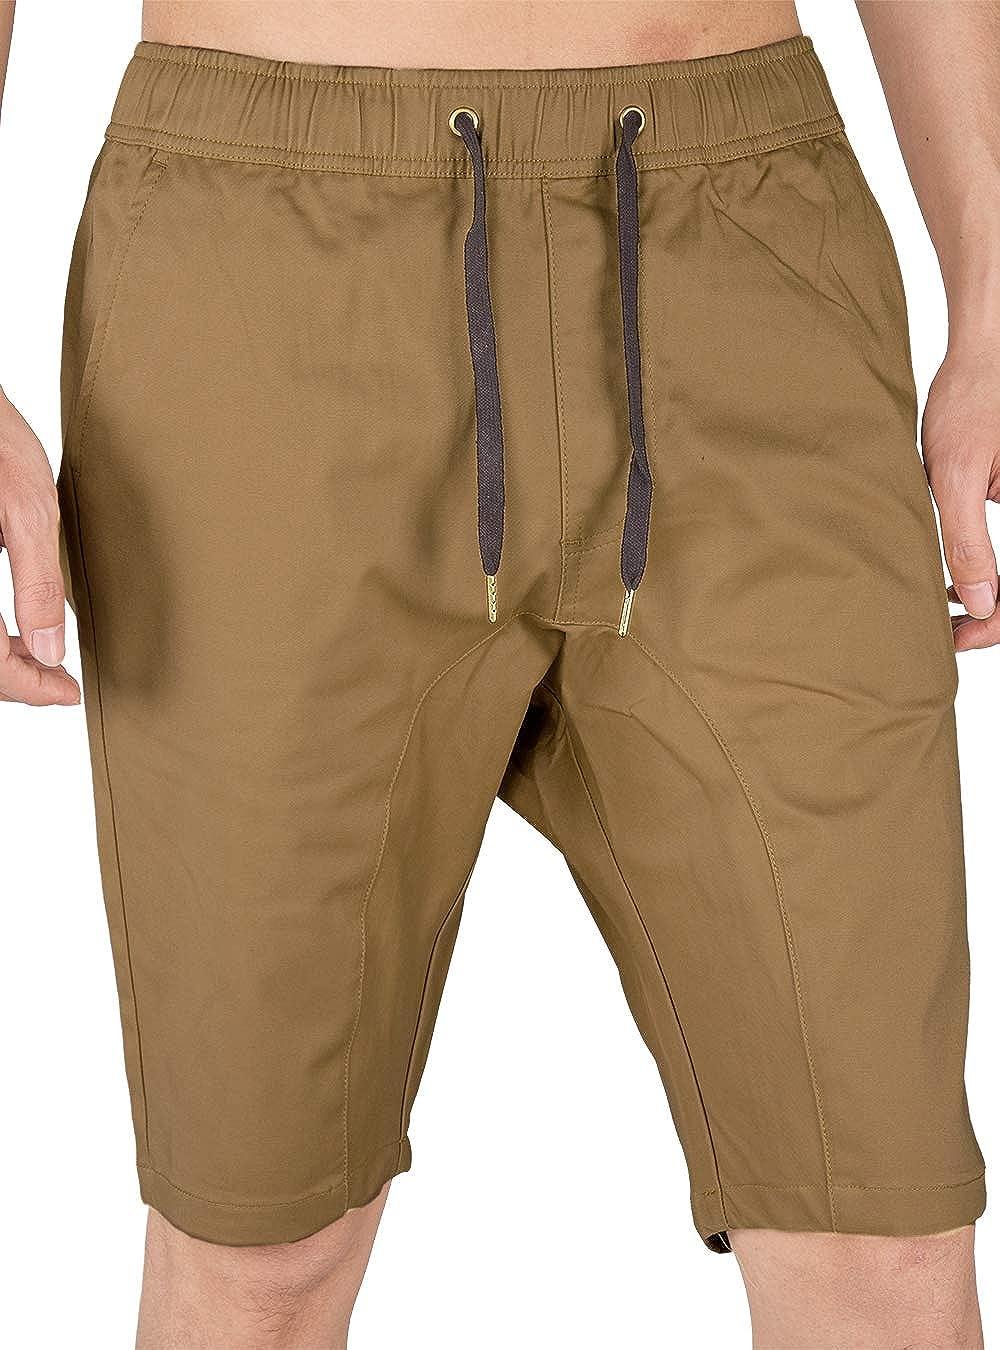 Italy Morn Pantaloni Corti e Bermuda da Uomo con Elastico in Vita Pantaloncini